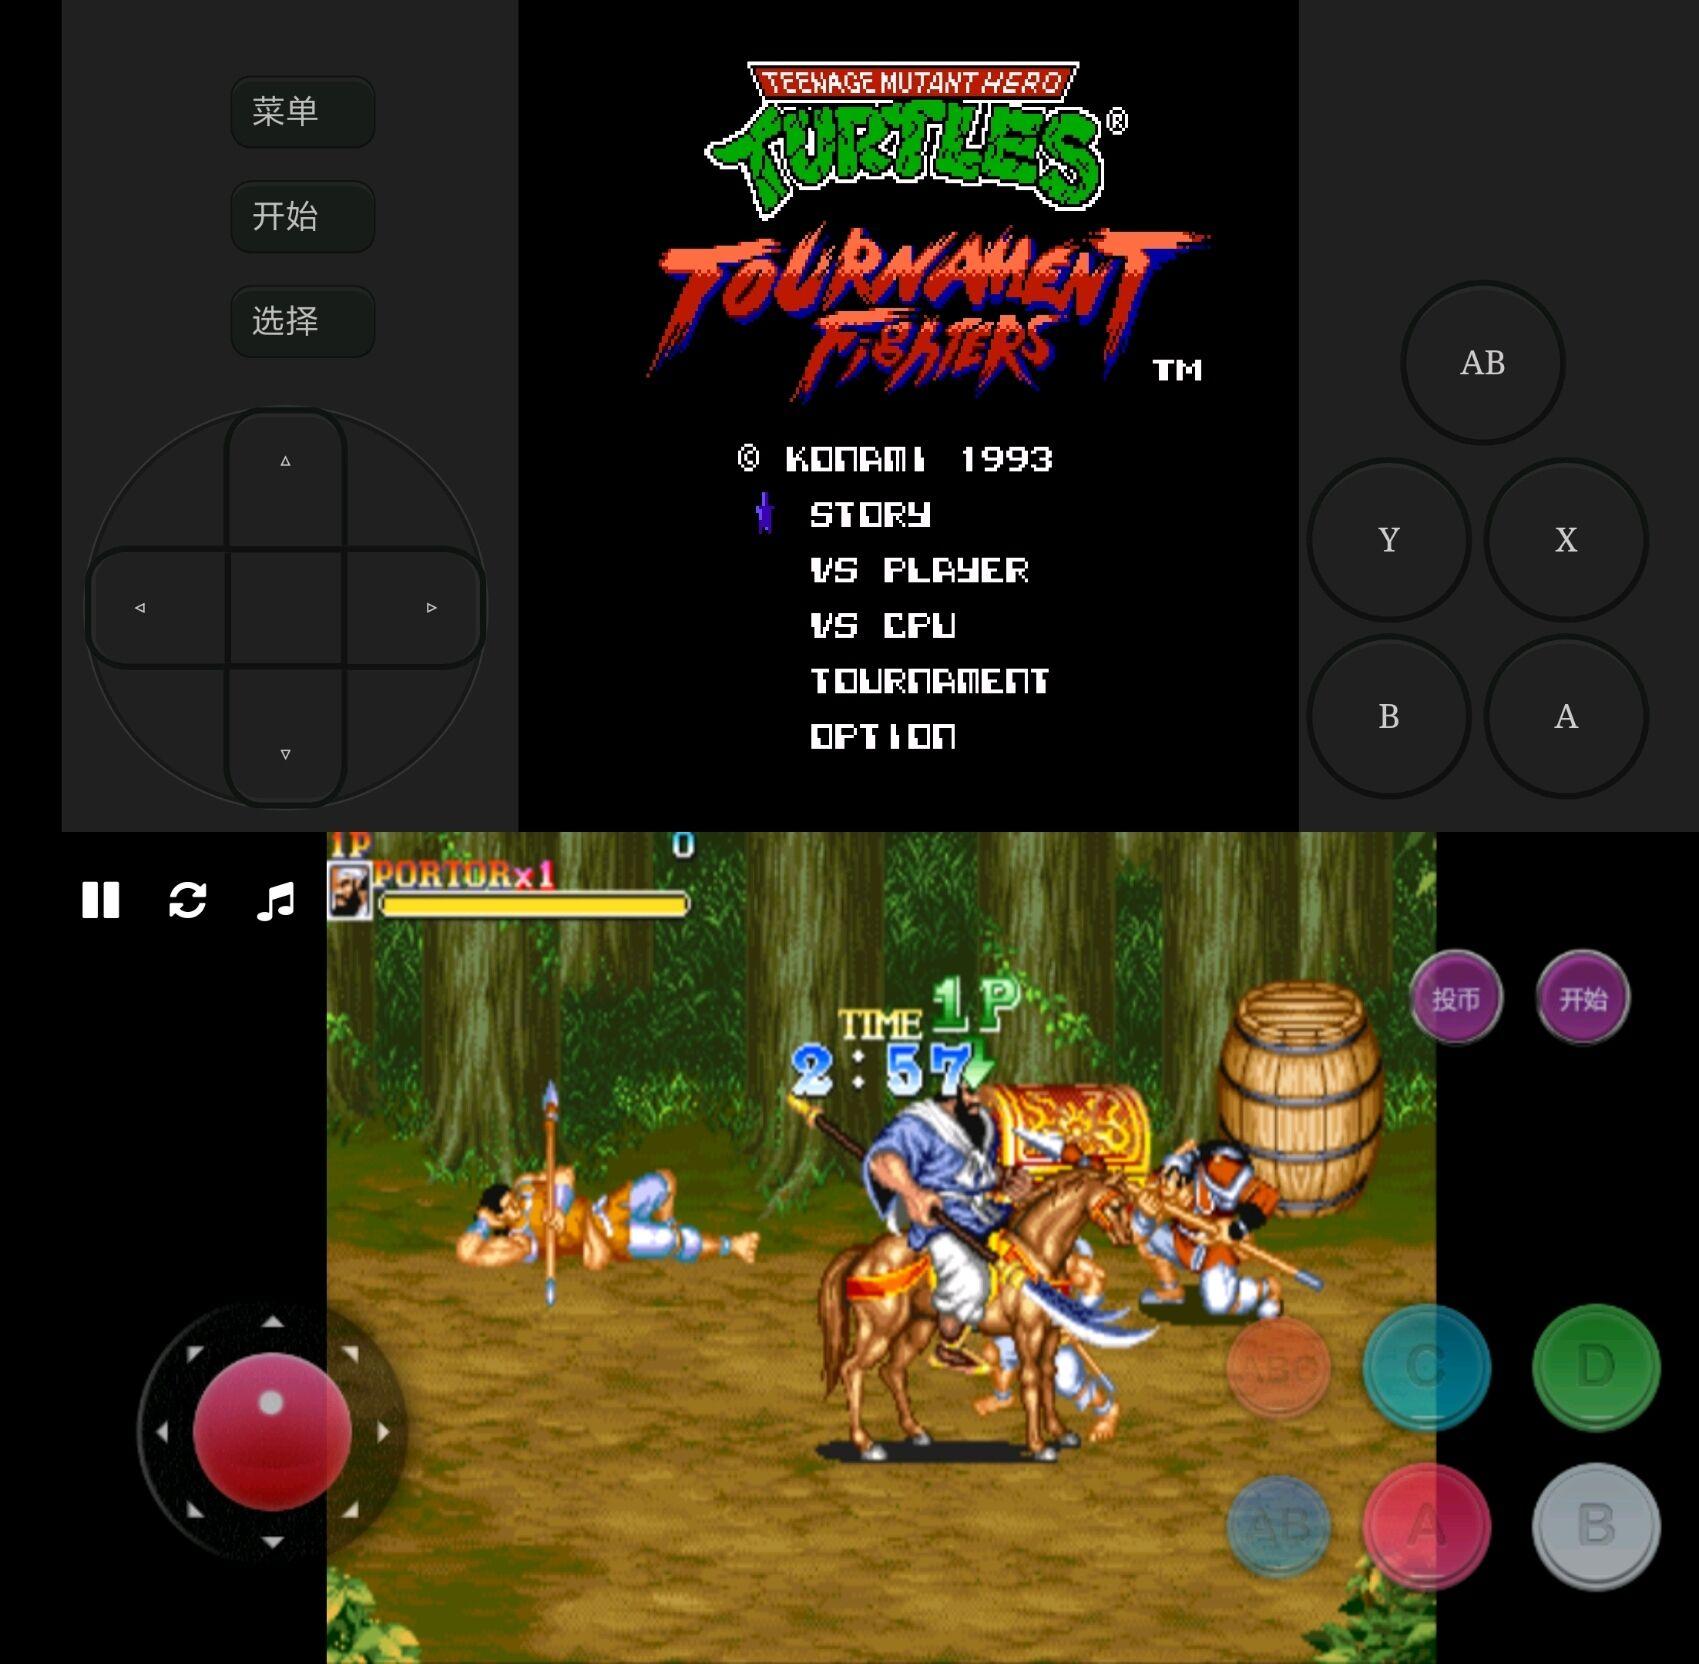 安卓软件 经典小游戏 童年街机游戏小合集